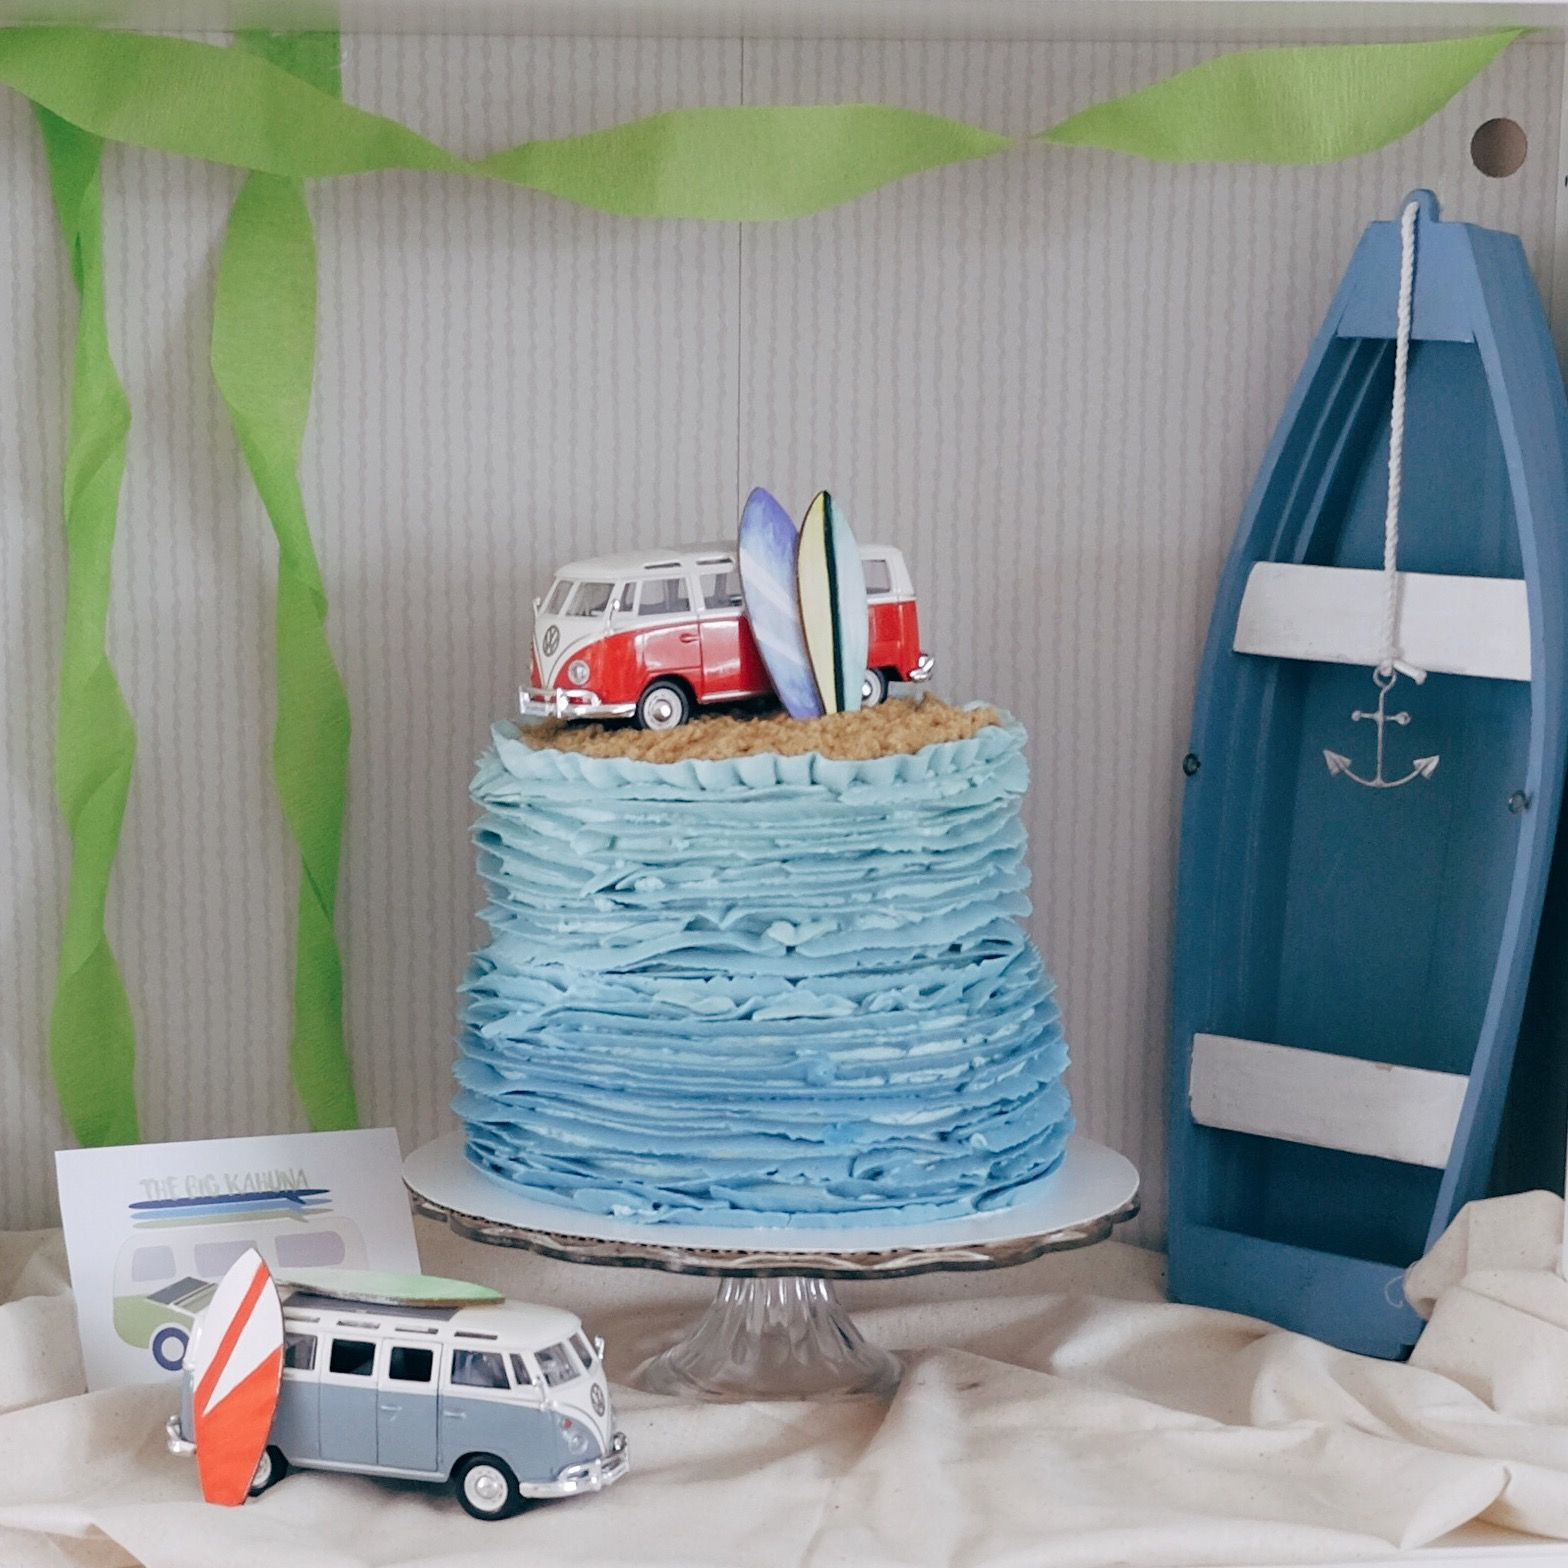 Aiden S First Birthday Party Surf Birthday Party Surf Birthday Party Themes For Boys